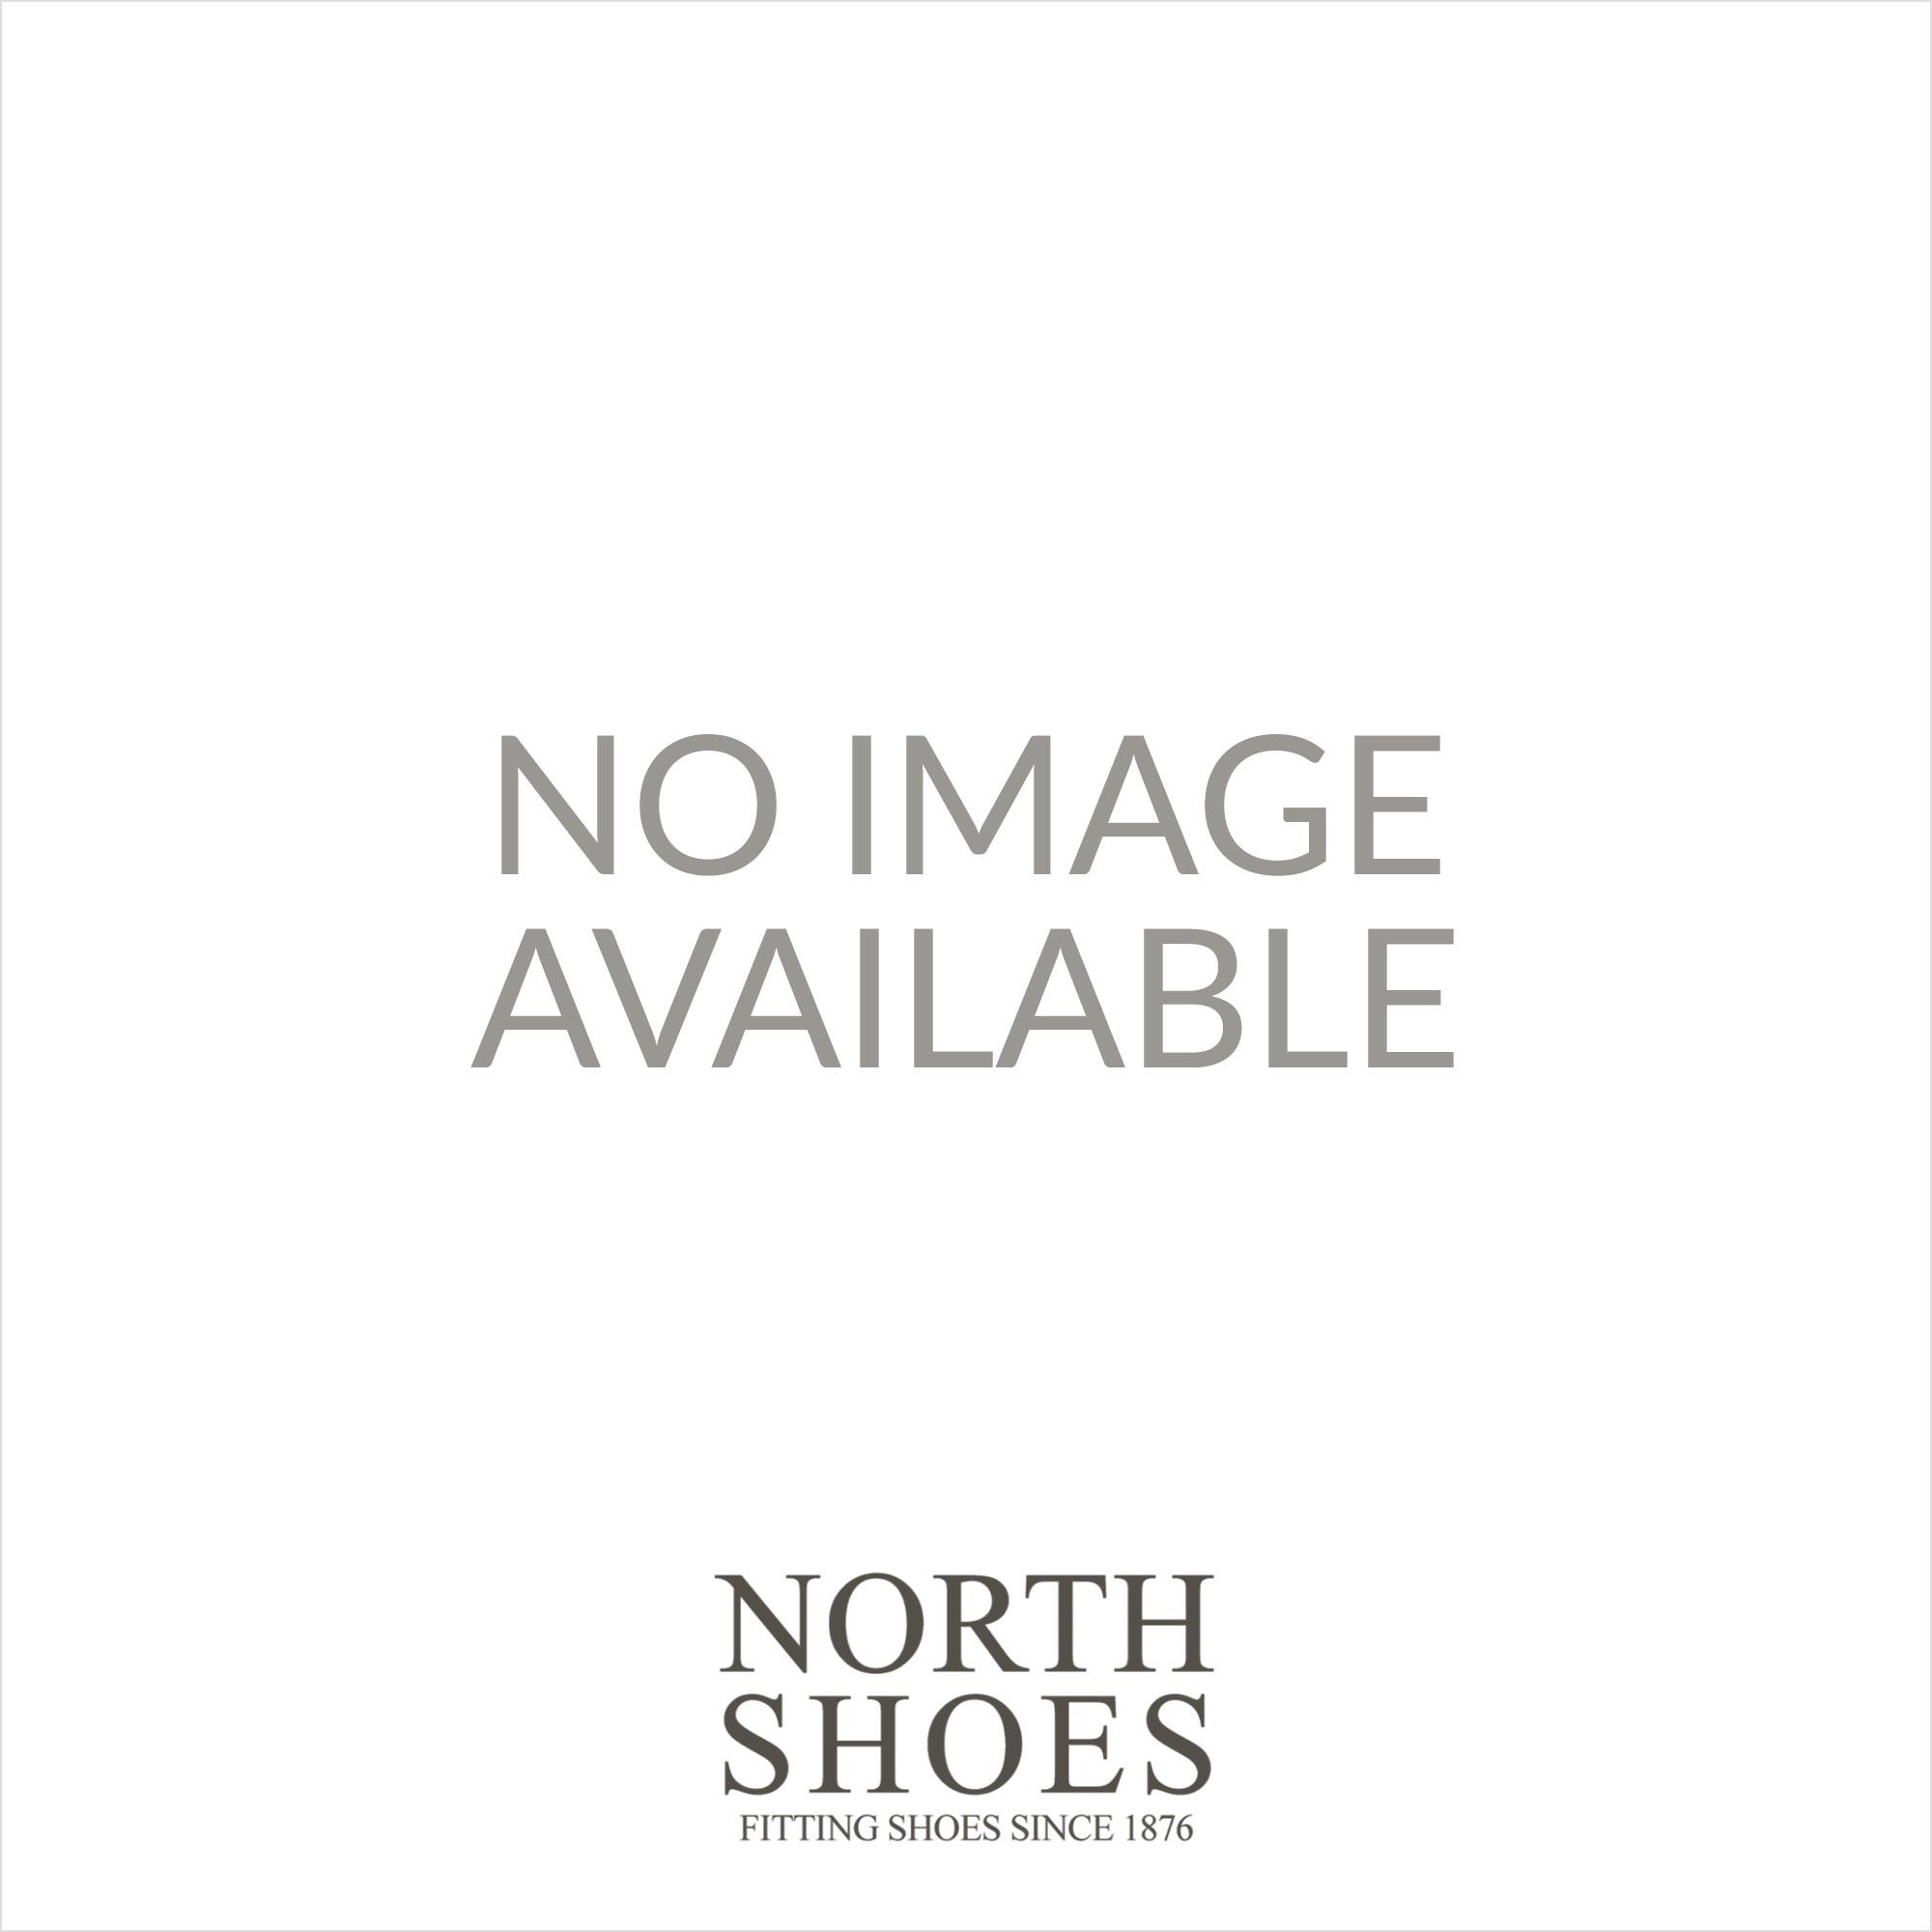 8972e624c5fd Clarks Ivy Blossom Junior Blue Leather Girls Open Toe Sandal ...